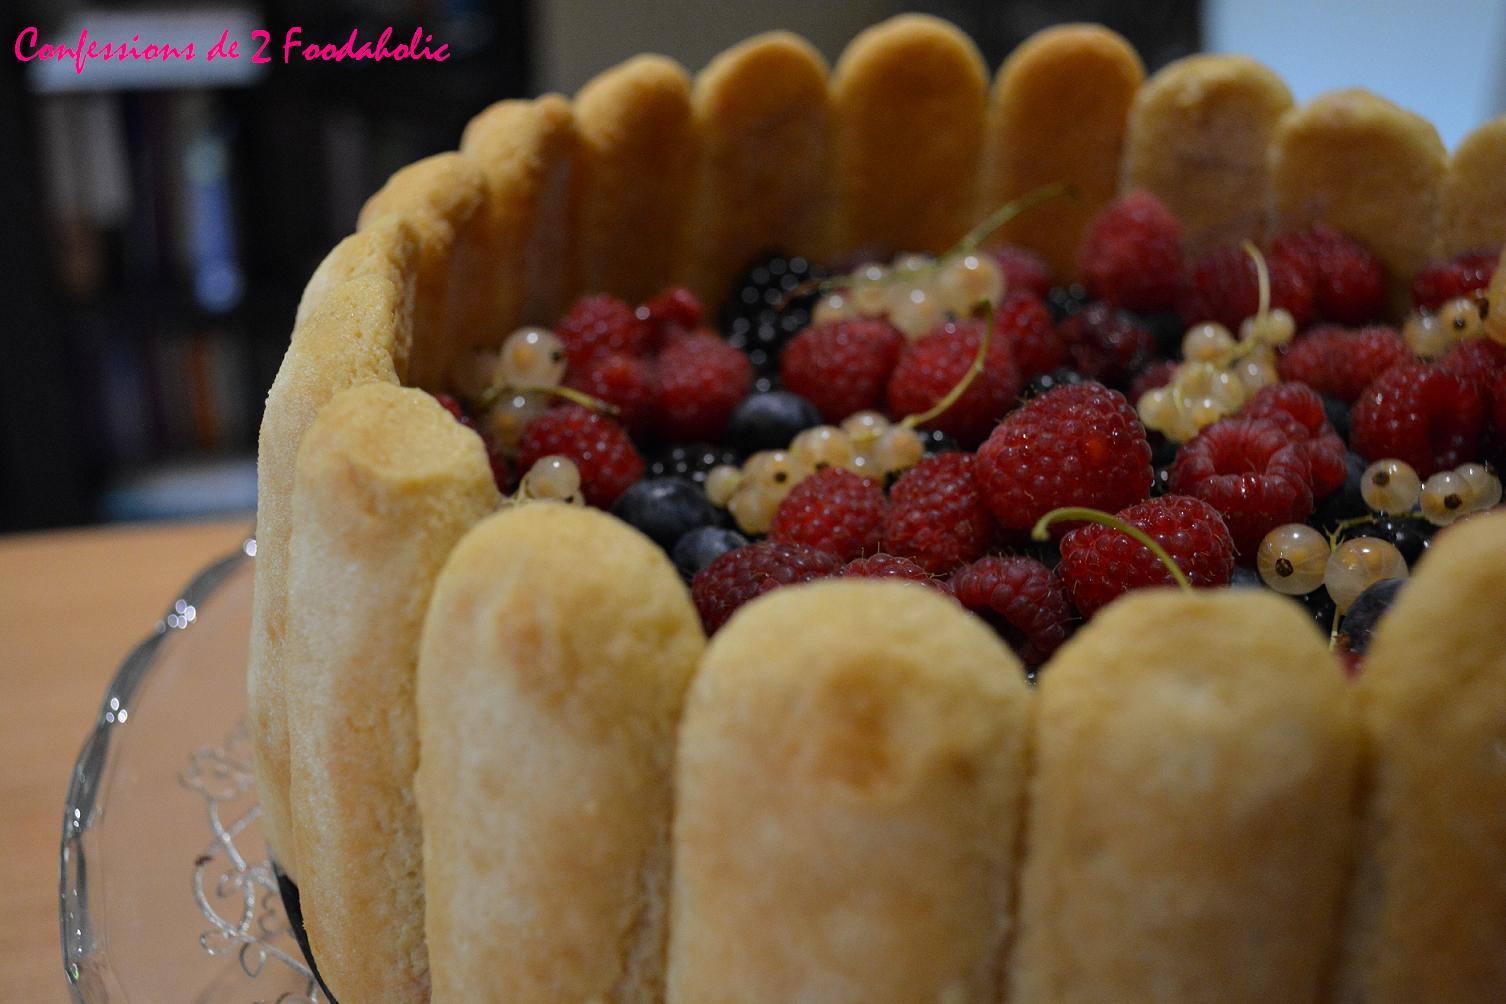 Charlotte aux fruits rouges confessions de 2 foodaholic for Coulis fruits rouges surgeles